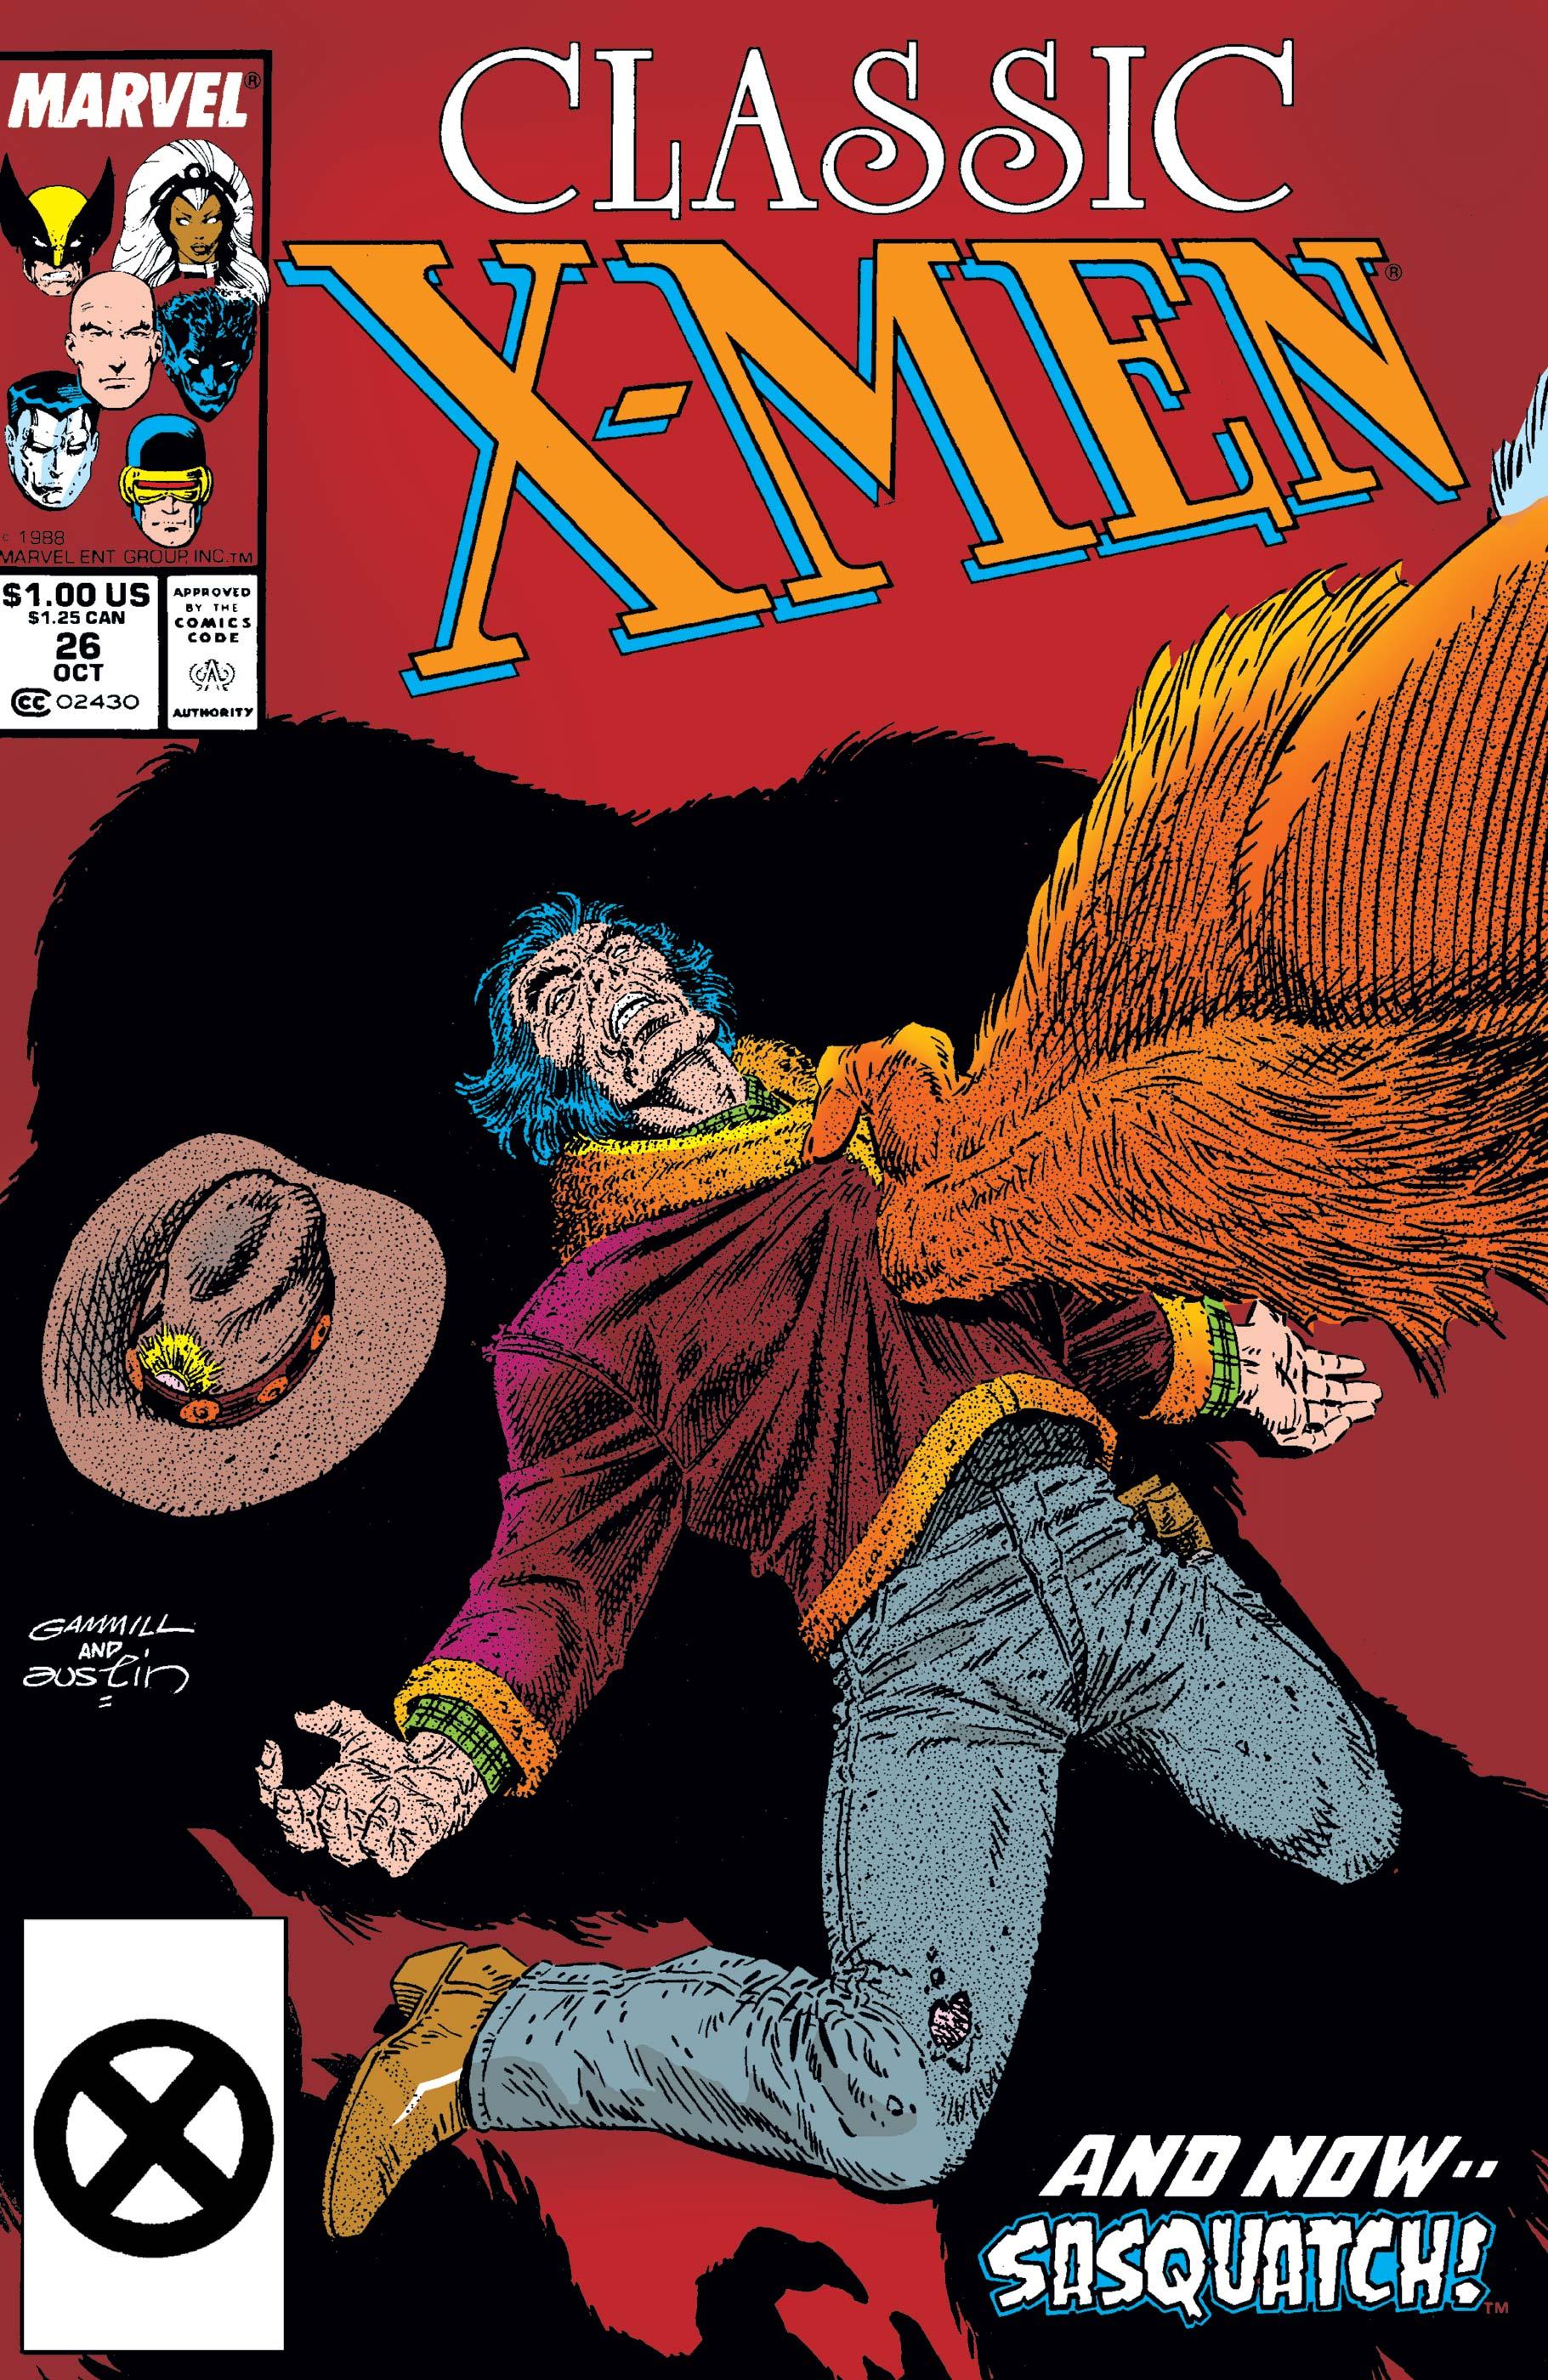 Classic X-Men (1986) #26